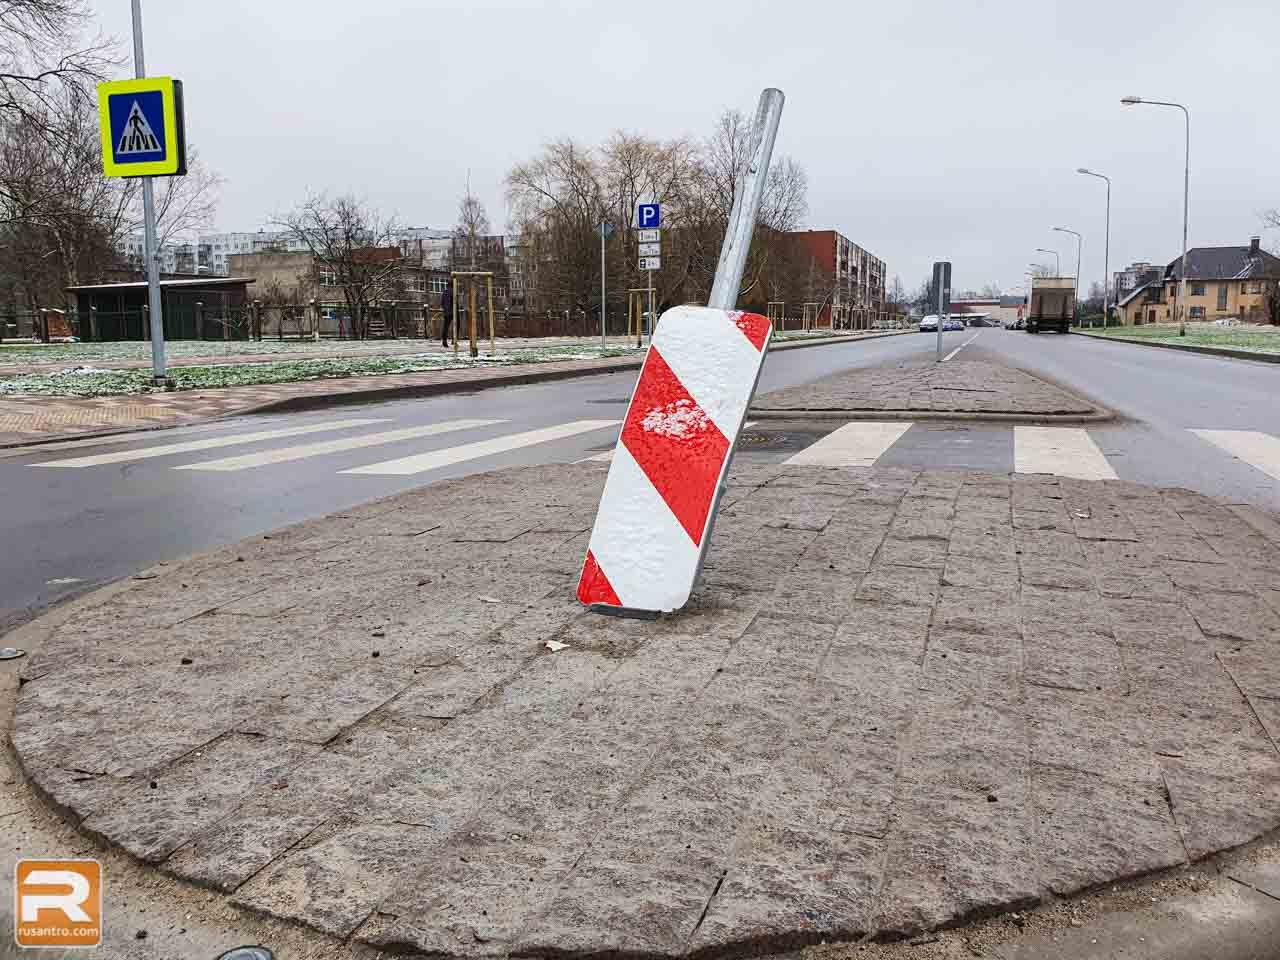 Sabojāta ceļa zīme